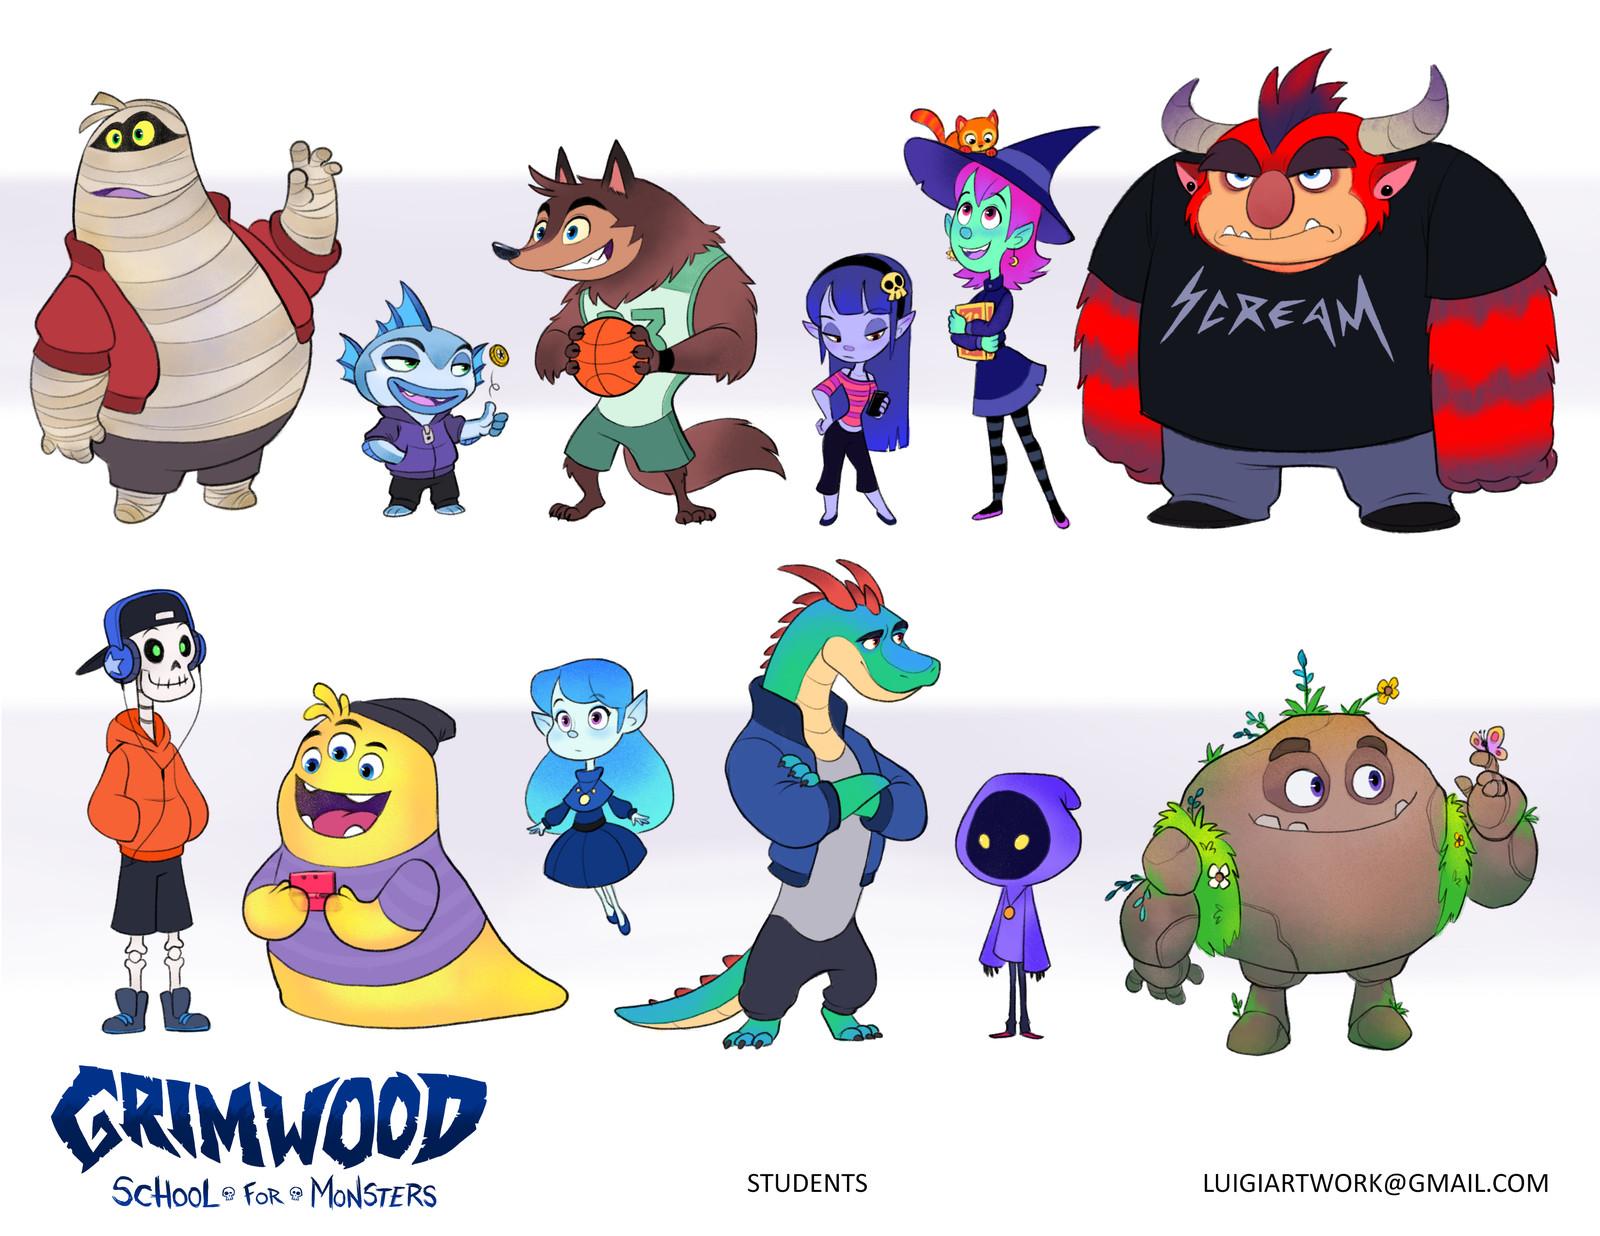 Grimwood School for Monsters